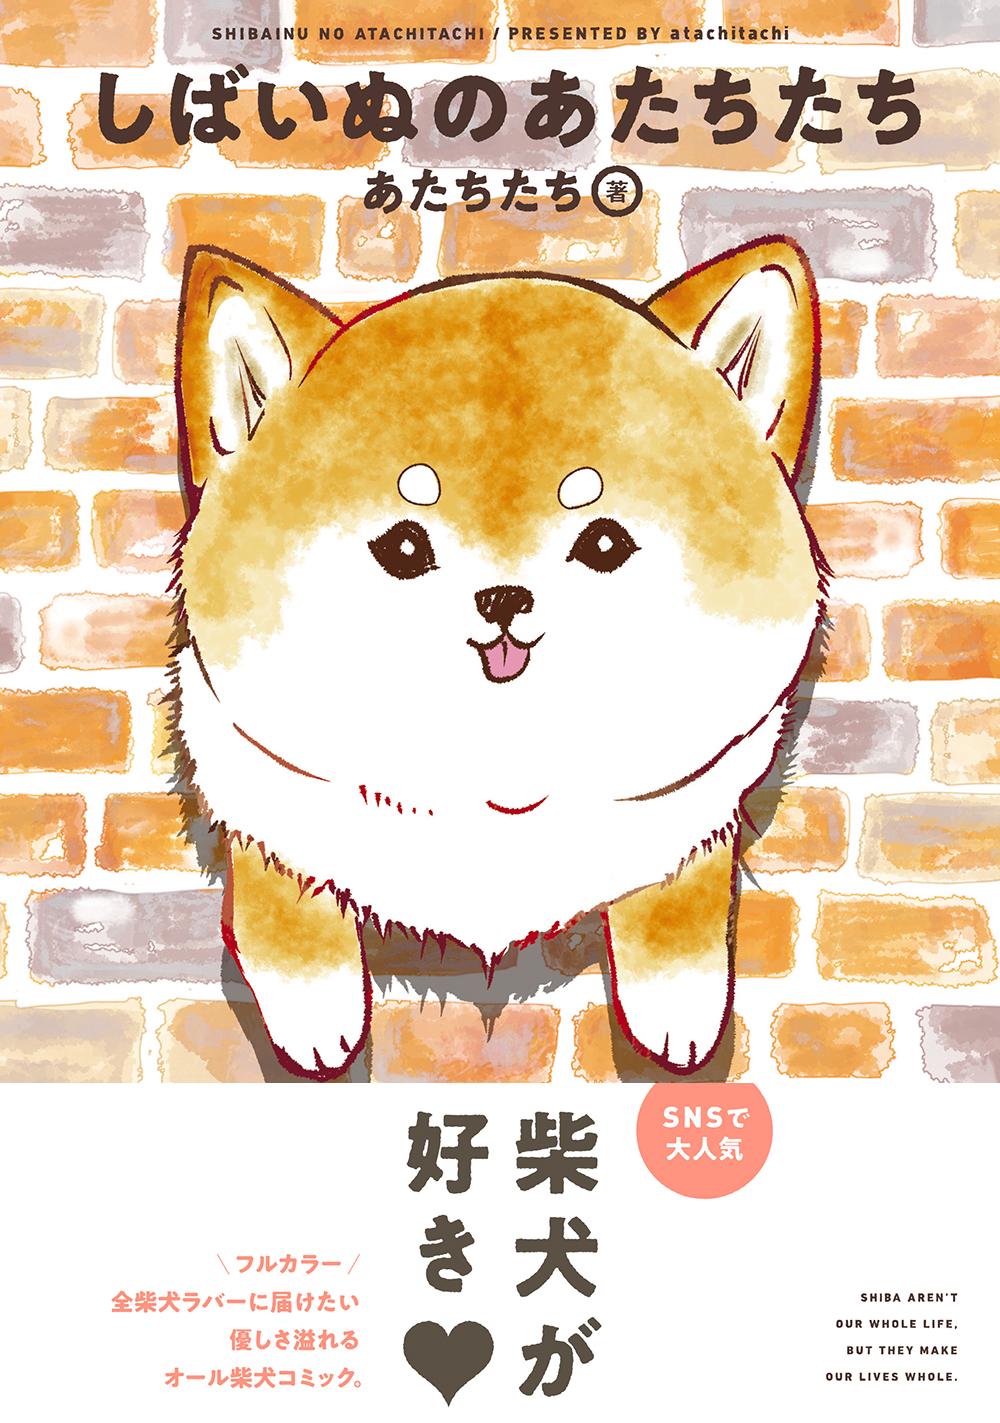 全柴犬好きに贈る! SNSで大人気のオール柴犬コミック『しばいぬのあたちたち』7月31日(水)発売‼